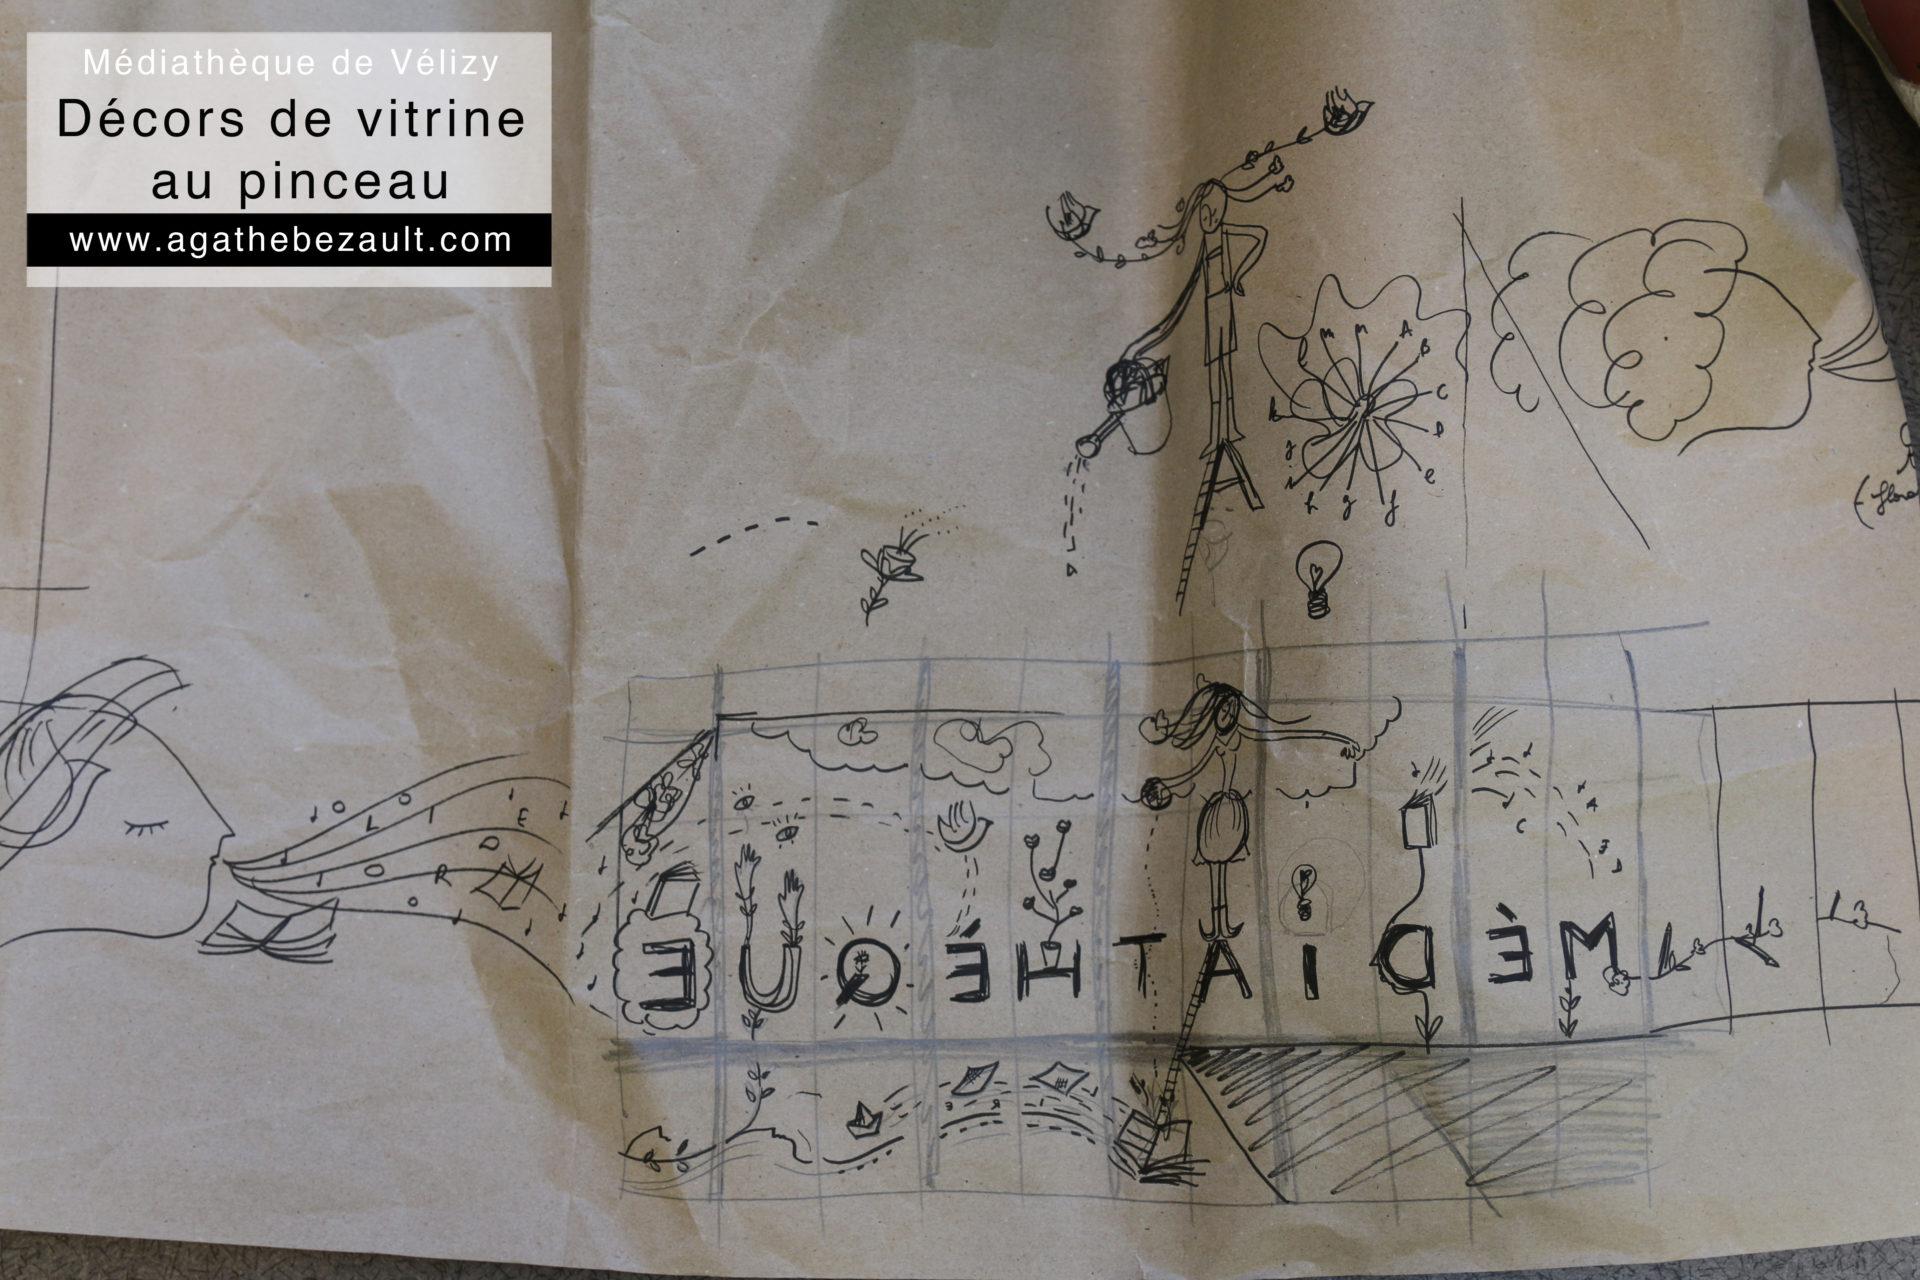 10-agathebezault-mediatheque-velizy